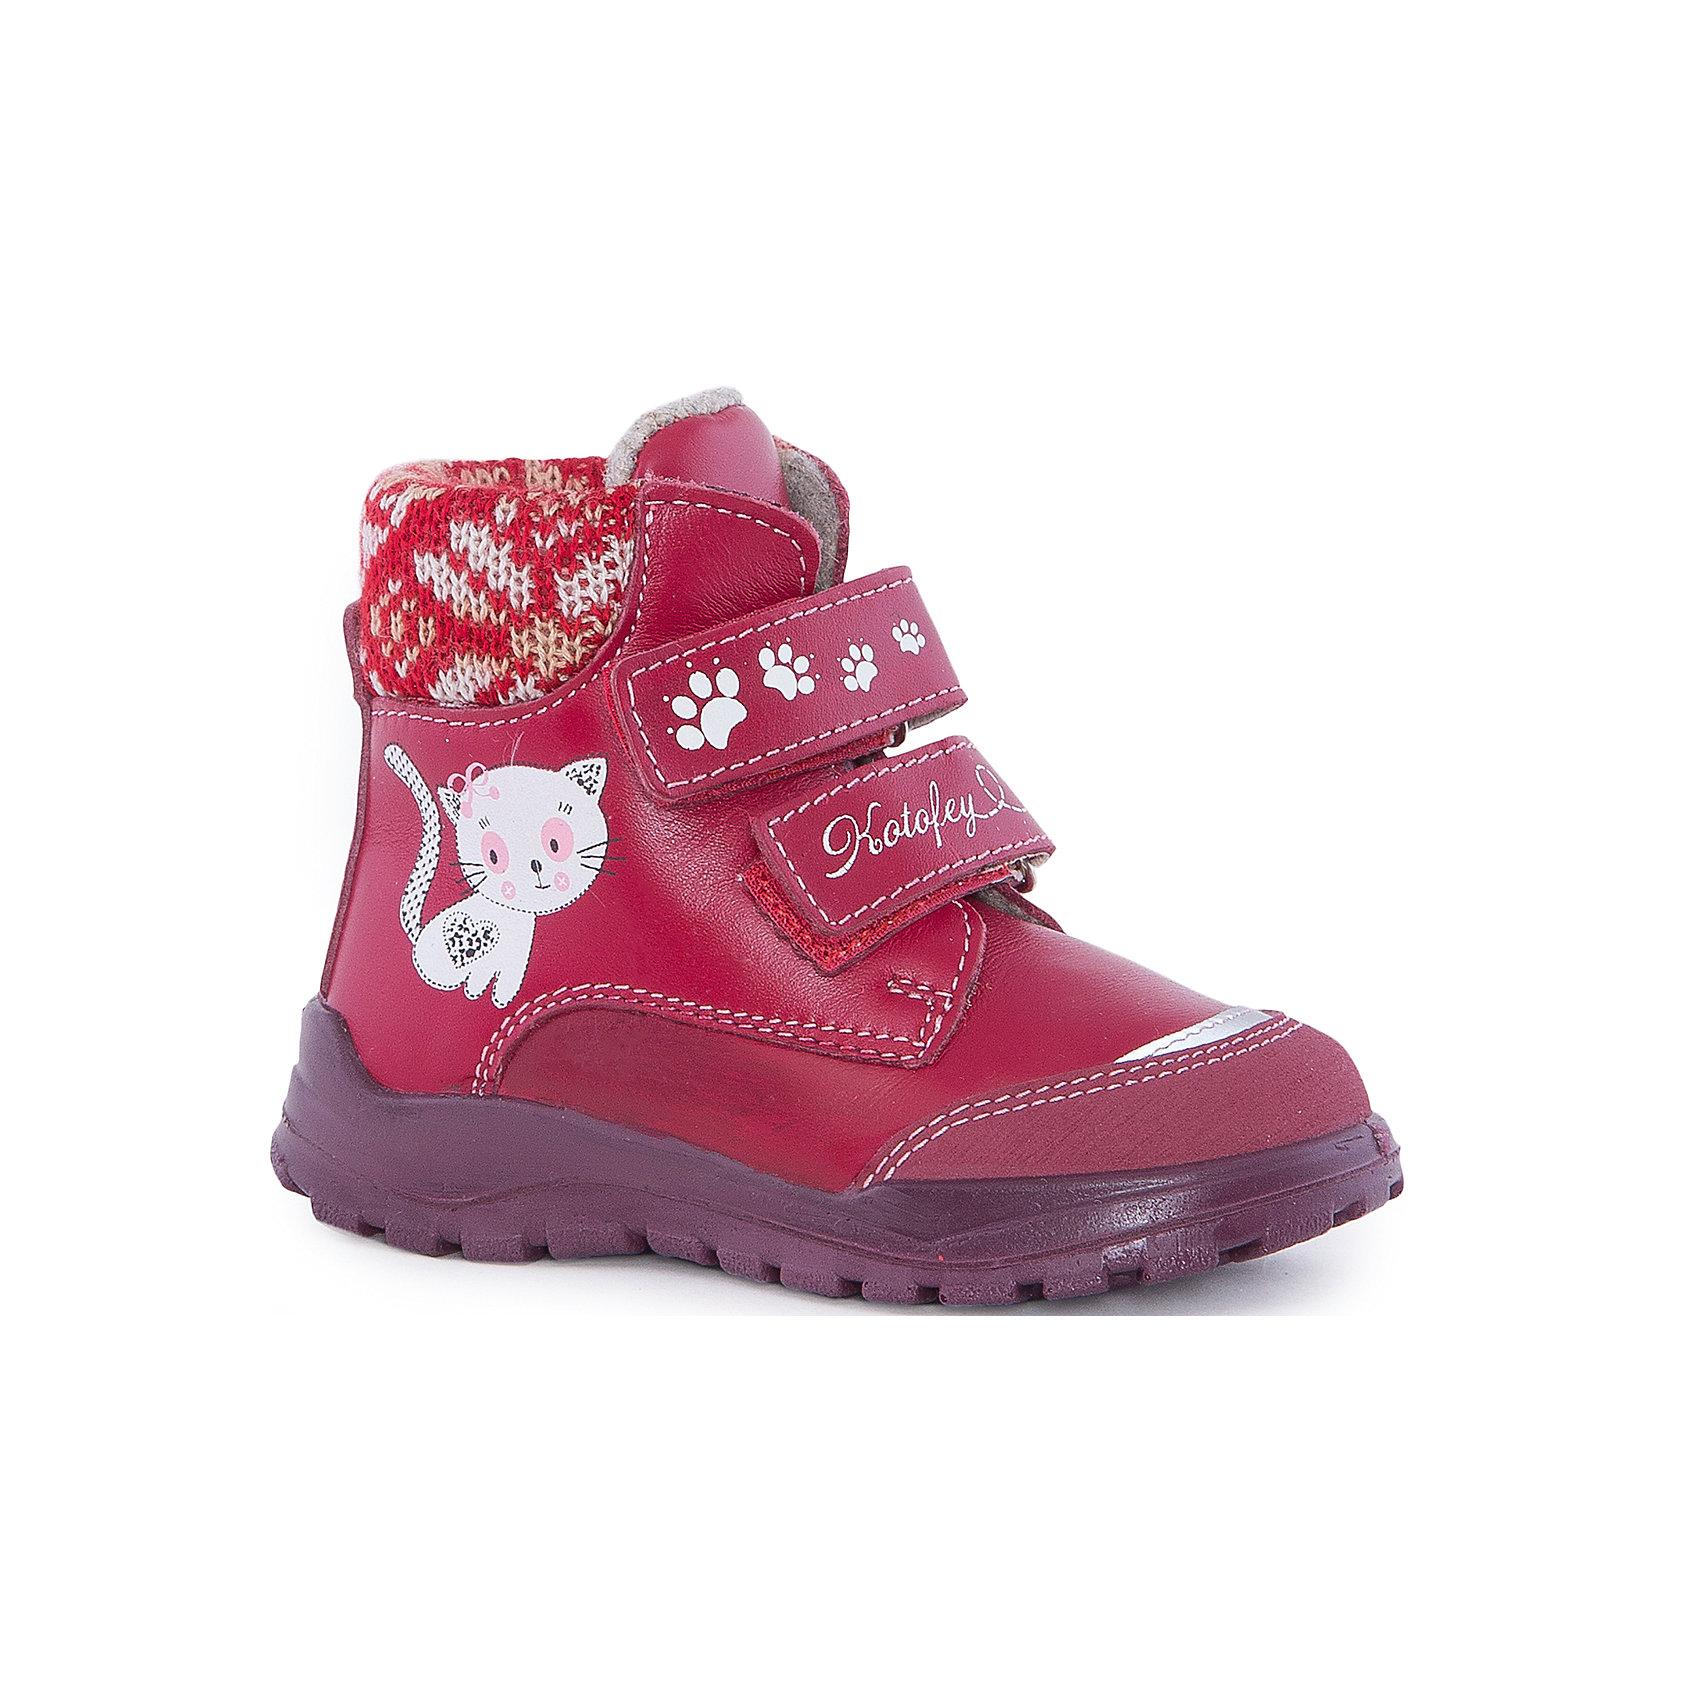 Ботинки для девочки КотофейБотинки для девочки Котофей.<br><br>Характеристики:<br><br>- Внешний материал: натуральная кожа<br>- Внутренний материал: байка<br>- Стелька: войлок<br>- Подошва: полиуретан<br>- Тип застежки: липучки<br>- Вид крепления обуви: литьевой<br>- Температурный режим до -10С<br>- Цвет: красный<br>- Сезон: весна, осень<br>- Пол: для девочек<br><br>Ботинки для девочки красного цвета торговой марки Котофей - идеальная обувь для межсезонья. Верх модели выполнен полностью из дышащей натуральной гладкой кожи с гидрофобными свойствами. Подкладка – утеплённая, из полушерстяной байки. Дополнительную защиту от прохлады даёт войлочная стелька, которую можно вытащить для просушки, воспользовавшись специальной петлёй. Сверху модели имеется мягкий трикотажный манжет, обеспечивающий удобство при ходьбе и предотвращающий натирание ноги. Подошва литьевого метода крепления легкая и гибкая, имеет анатомическую форму следа, повторяя изгибы свода стопы. Благодаря этому ножки будут чувствовать себя комфортно весь день! Два ремня с липучкой позволяют не только быстро обувать и снимать обувь, но и обеспечивают плотное прилегание обуви к стопе. Дизайн соответствует и европейским, и отечественным тенденциям моды. Детская обувь «Котофей» качественна, красива, добротна, комфортна и долговечна. Она производится на Егорьевской обувной фабрике. Жесткий контроль производства и постоянное совершенствование технологий при многолетнем опыте позволяют считать компанию одним из лидеров среди отечественных производителей детской обуви.<br><br>Ботинки для девочки Котофей можно купить в нашем интернет-магазине.<br><br>Ширина мм: 262<br>Глубина мм: 176<br>Высота мм: 97<br>Вес г: 427<br>Цвет: красный<br>Возраст от месяцев: 21<br>Возраст до месяцев: 24<br>Пол: Женский<br>Возраст: Детский<br>Размер: 24,19,20,21,22,23<br>SKU: 5023935